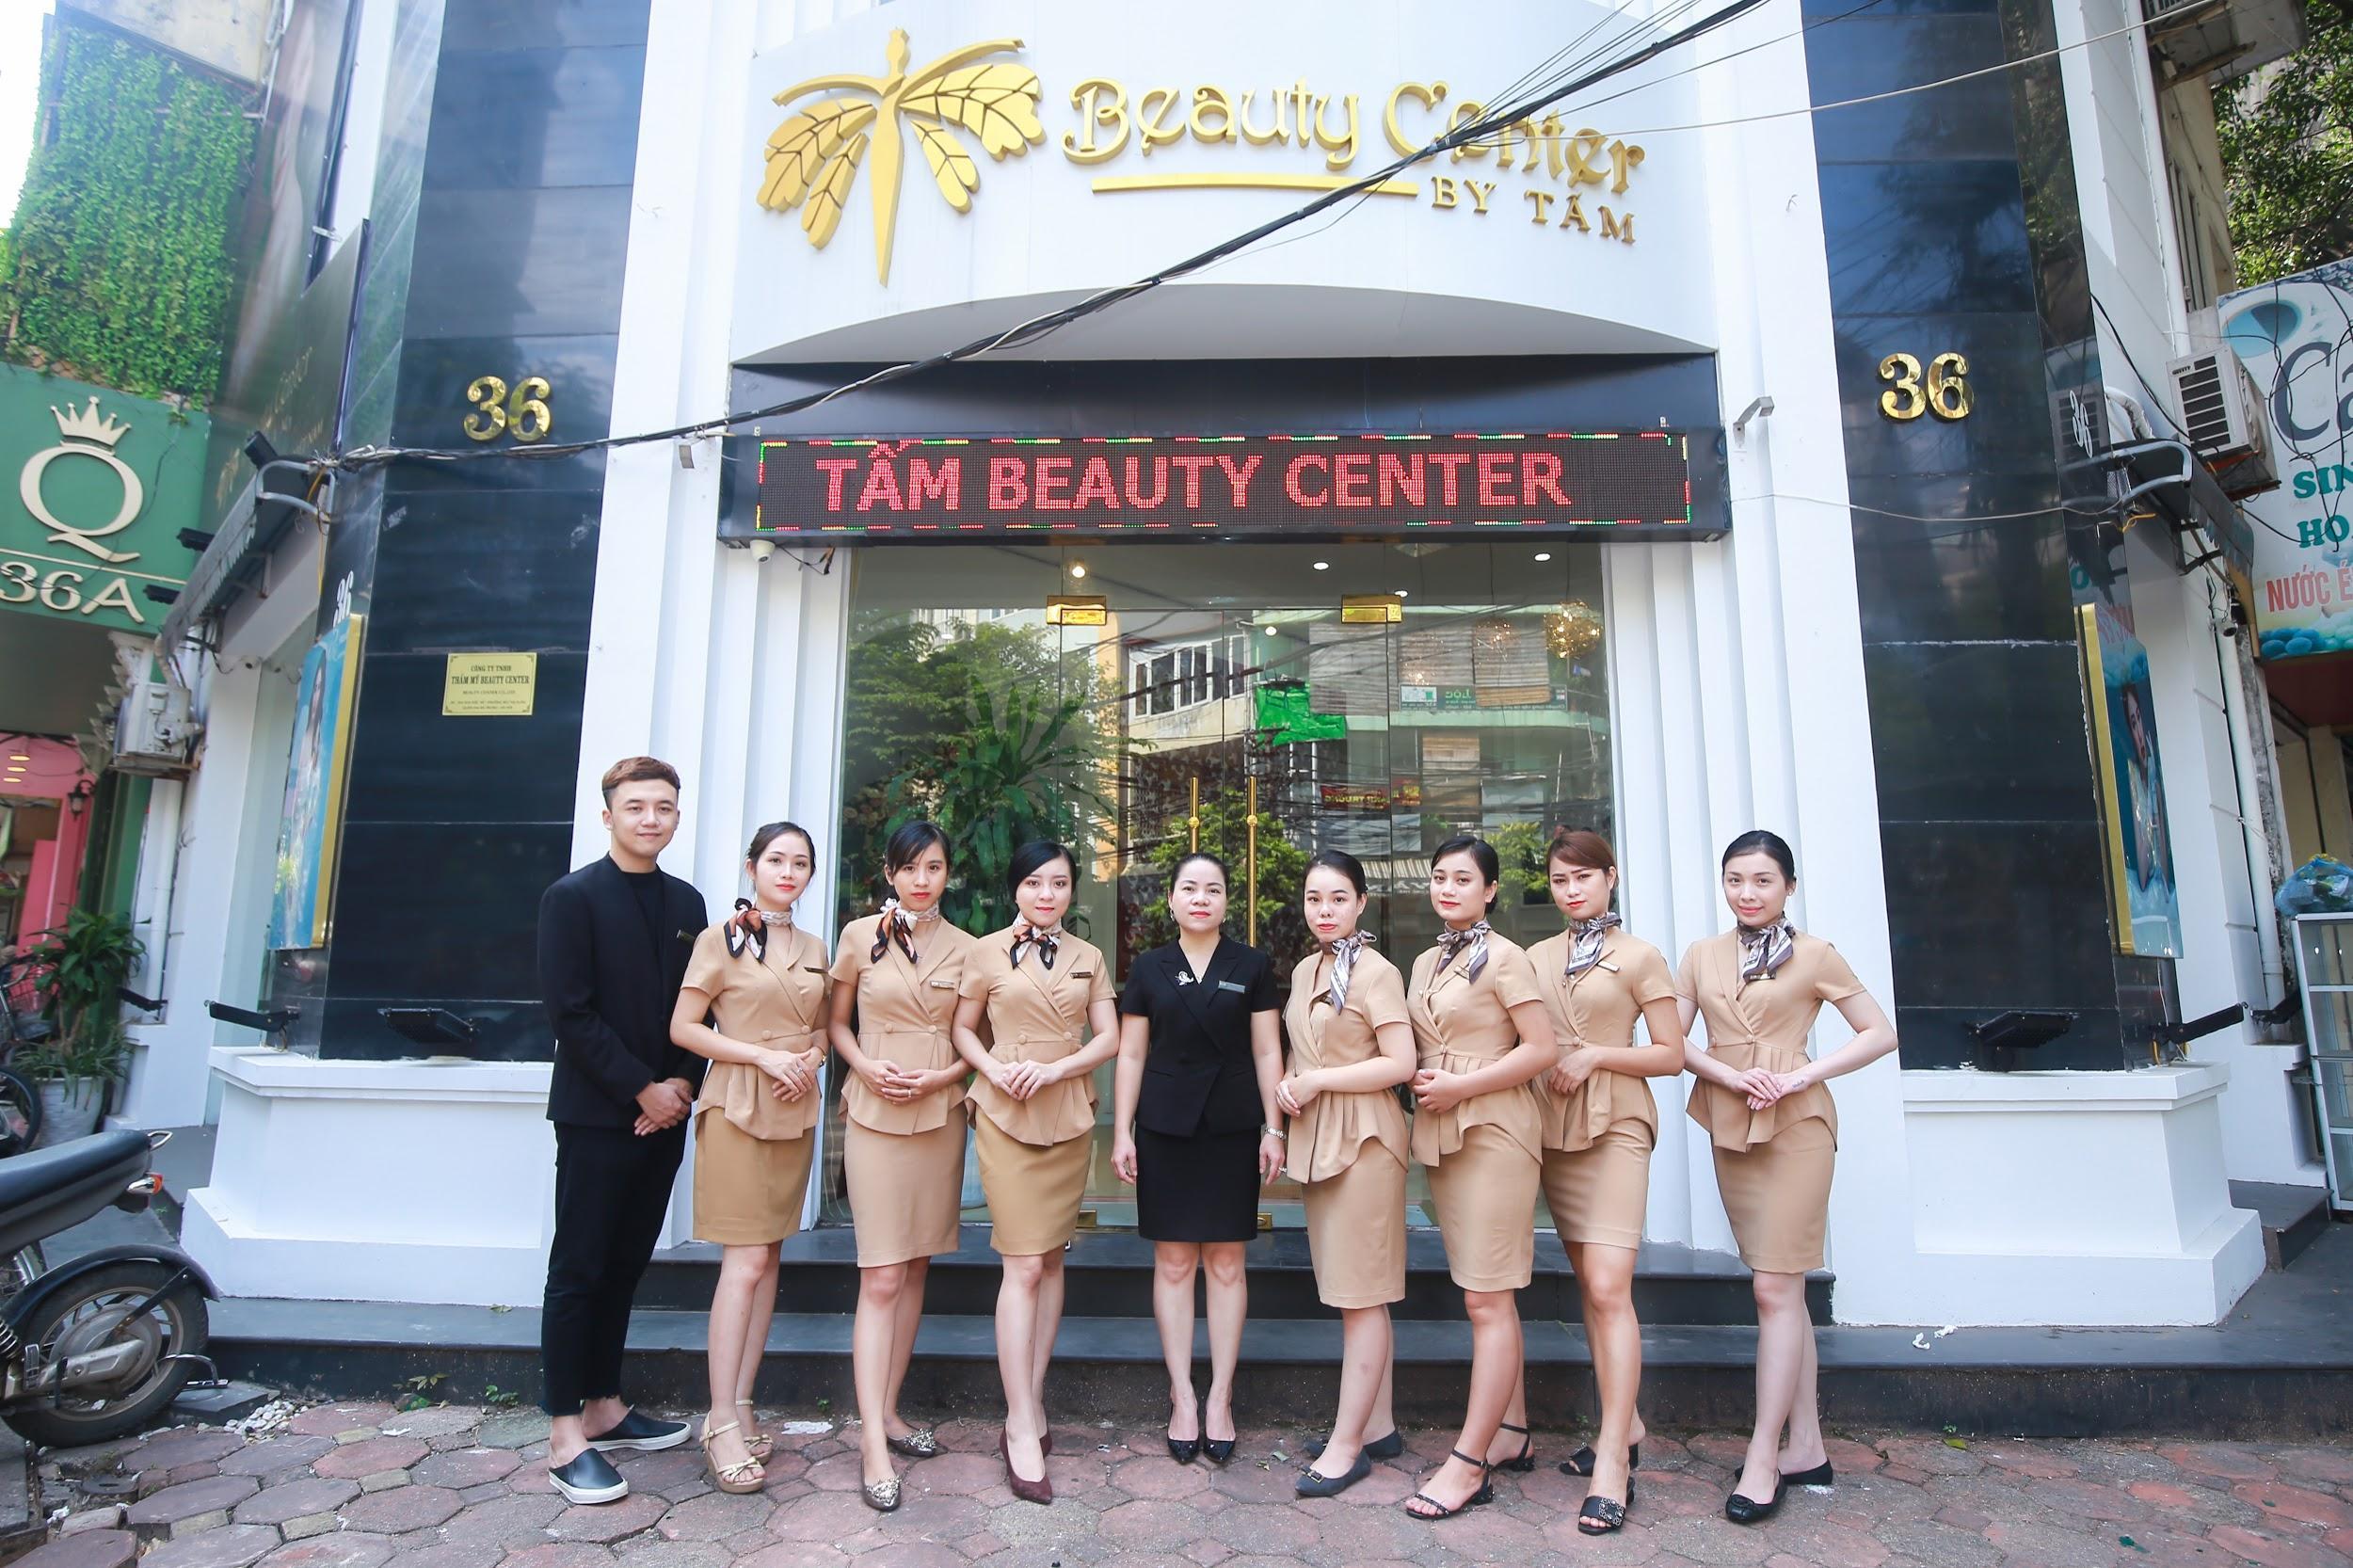 Ngắm quy mô thẩm mỹ viện Beauty Center, địa chỉ làm đẹp uy tín của sao Việt - Ảnh 2.